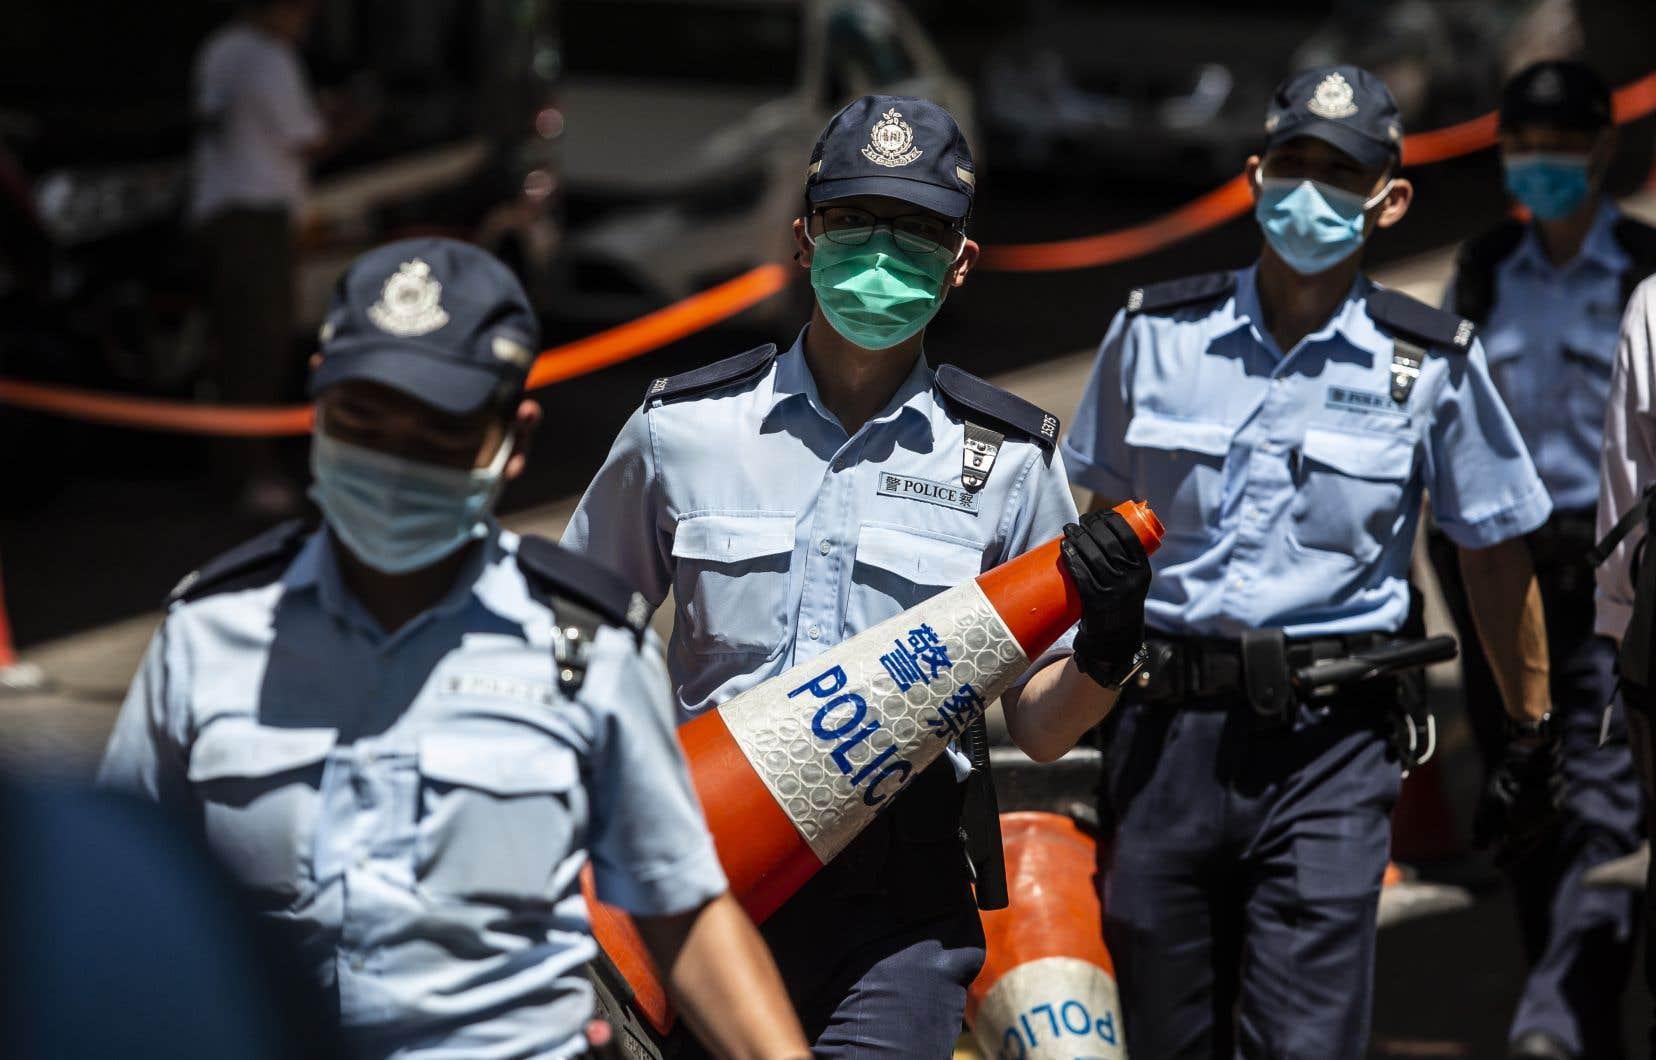 Plusieurs pays ont appelé la Chine à revenir sur sa loi sur la sécurité nationale à Hong Kong, qui fait craindre à l'opposition démocrate locale un grave recul des libertés en vigueur dans la Région administrative spéciale revenue à la Chine en 1997.